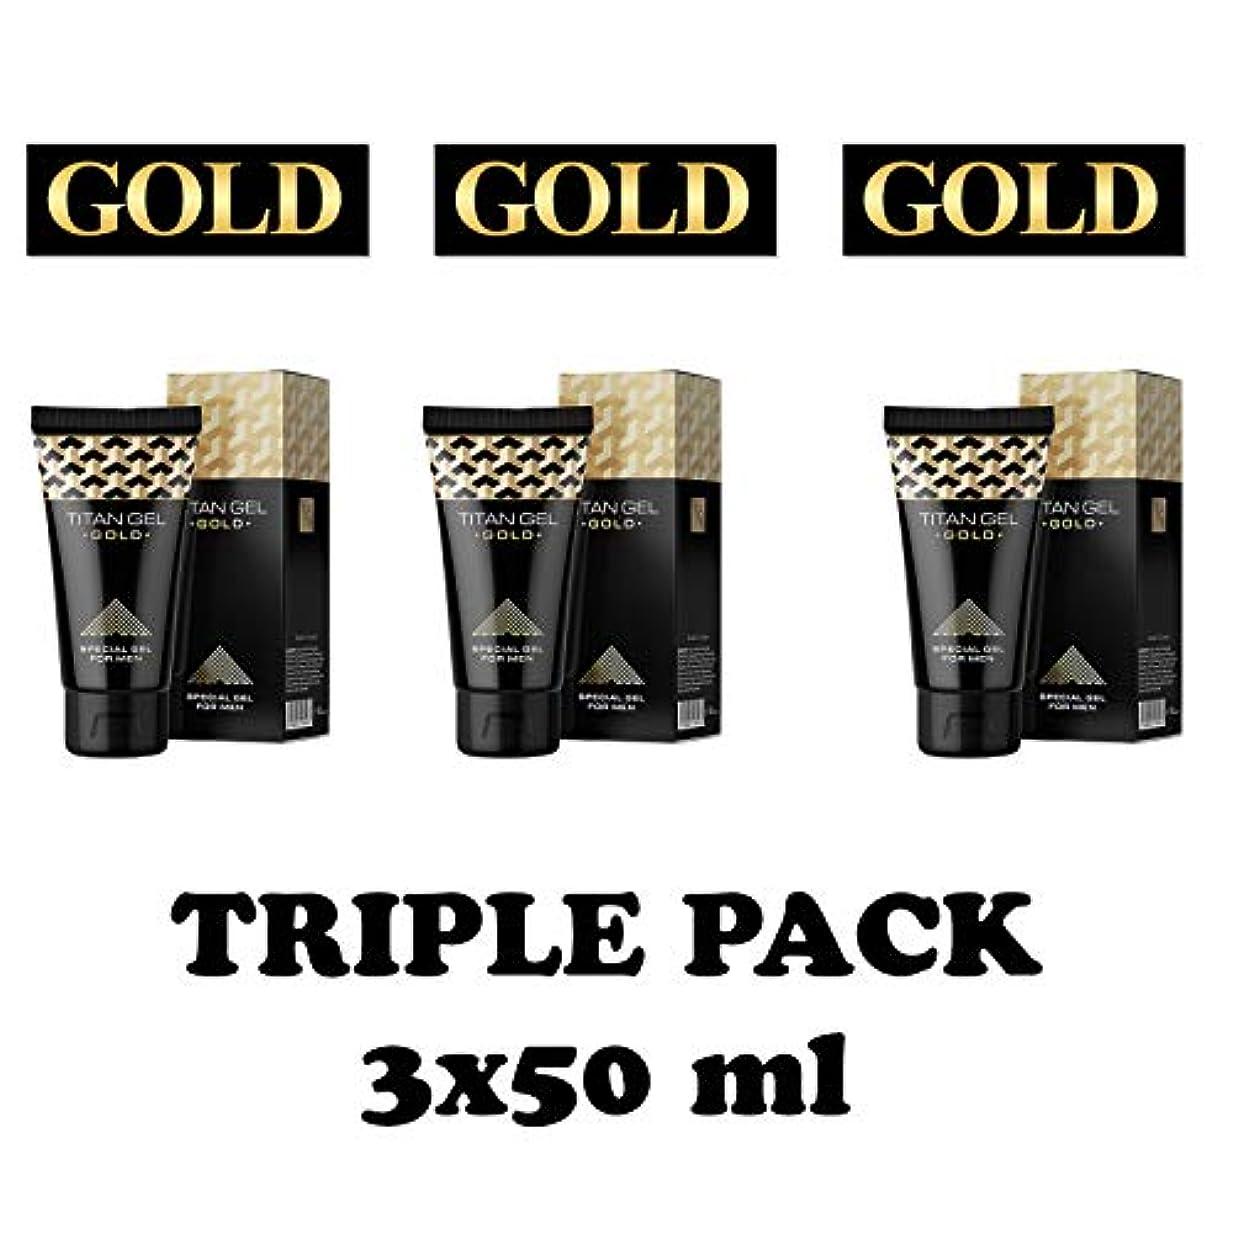 リングレット金額めったにタイタンジェル ゴールド Titan gel Gold 50ml 3箱セット 日本語説明付き [並行輸入品]